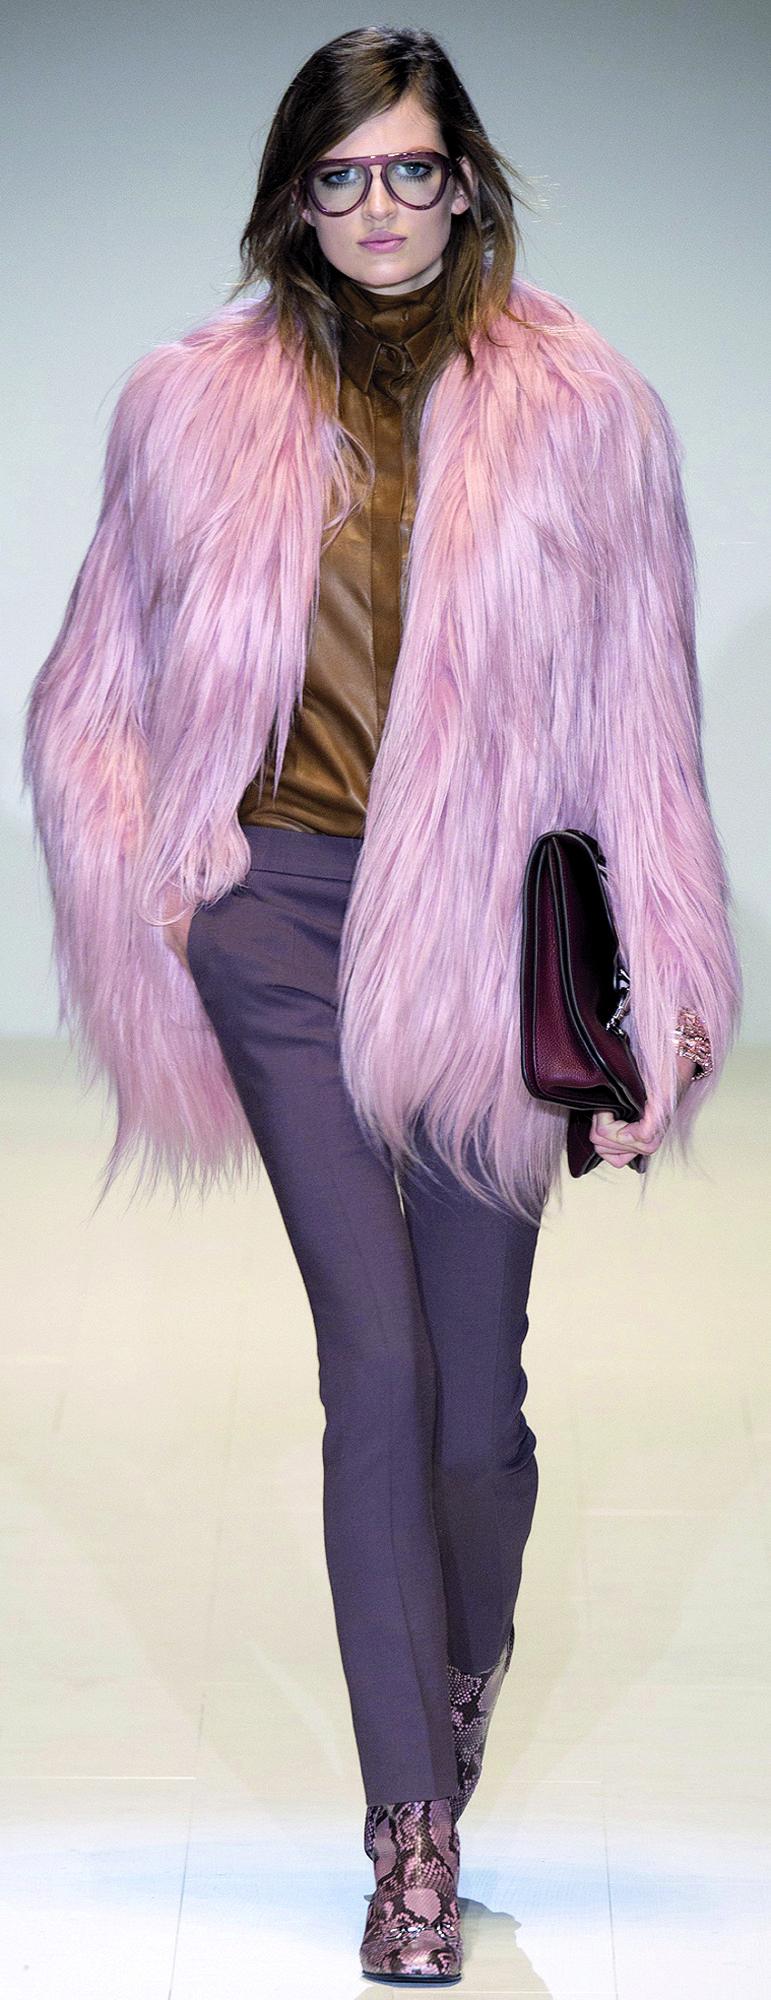 Made in MILÁN. La innovación dio el presente en las colecciones italianas que acogieron los estilismos clave del otoño-invierno 2014-15.